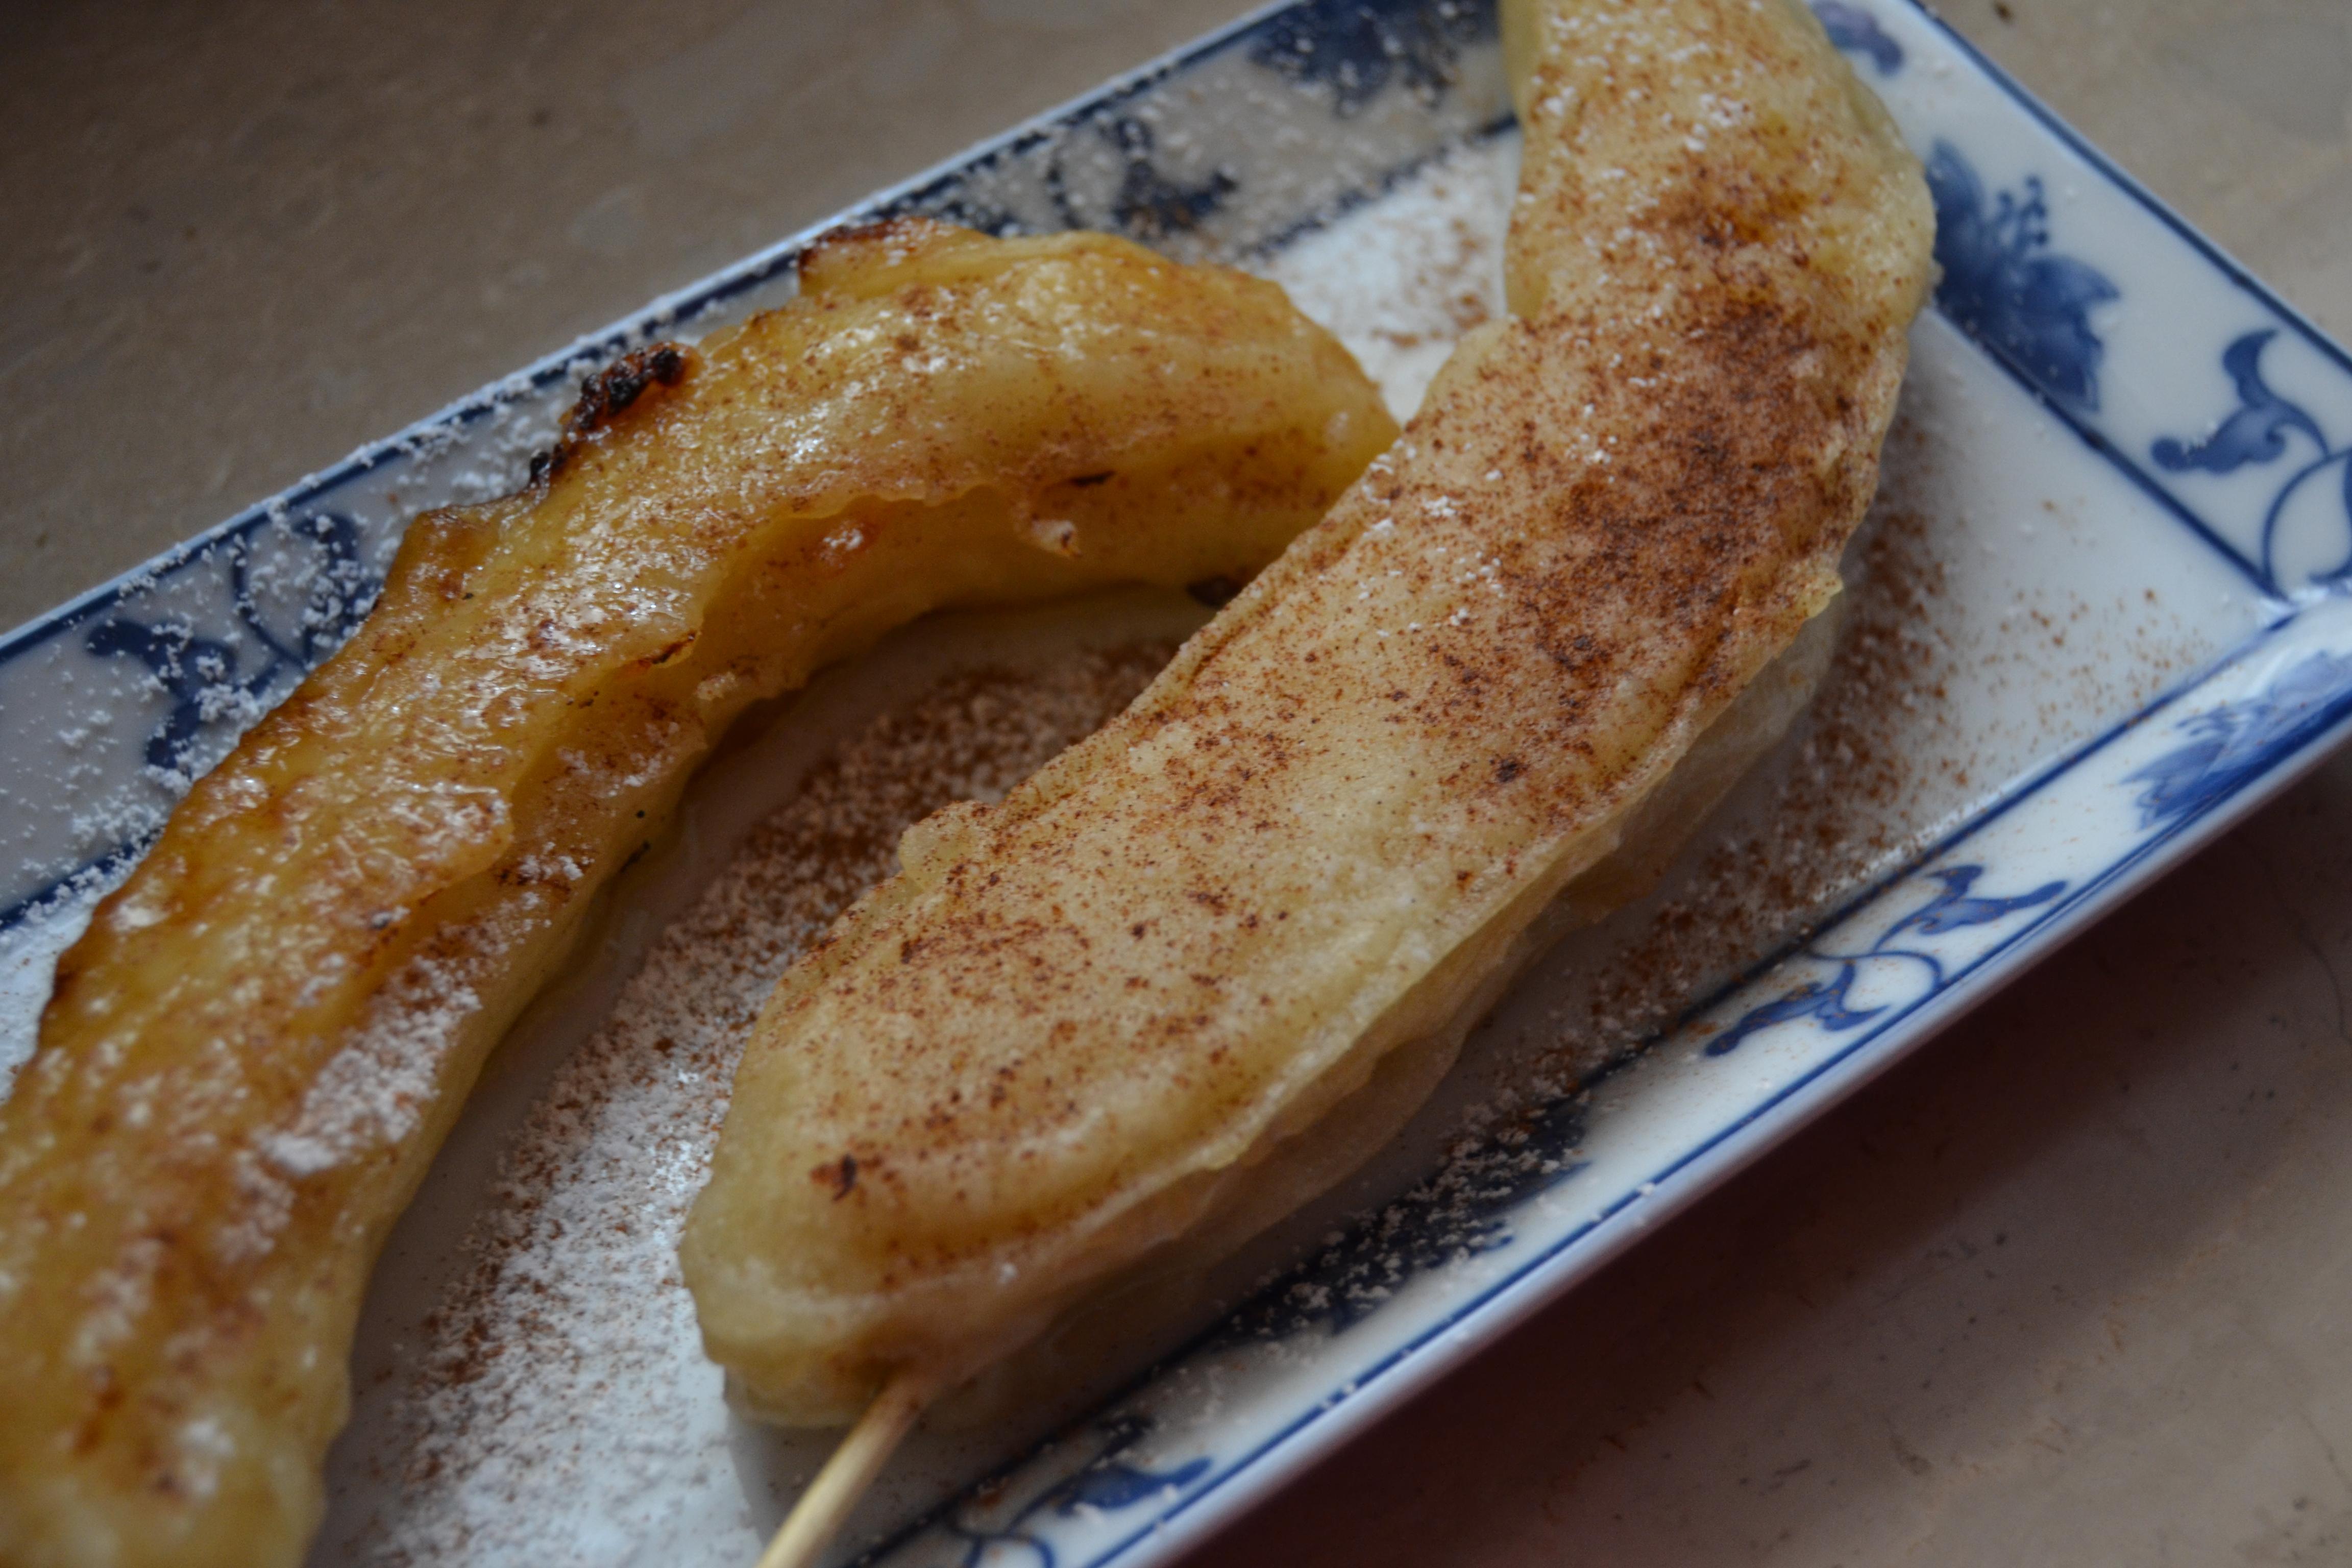 Banane dolci fritte